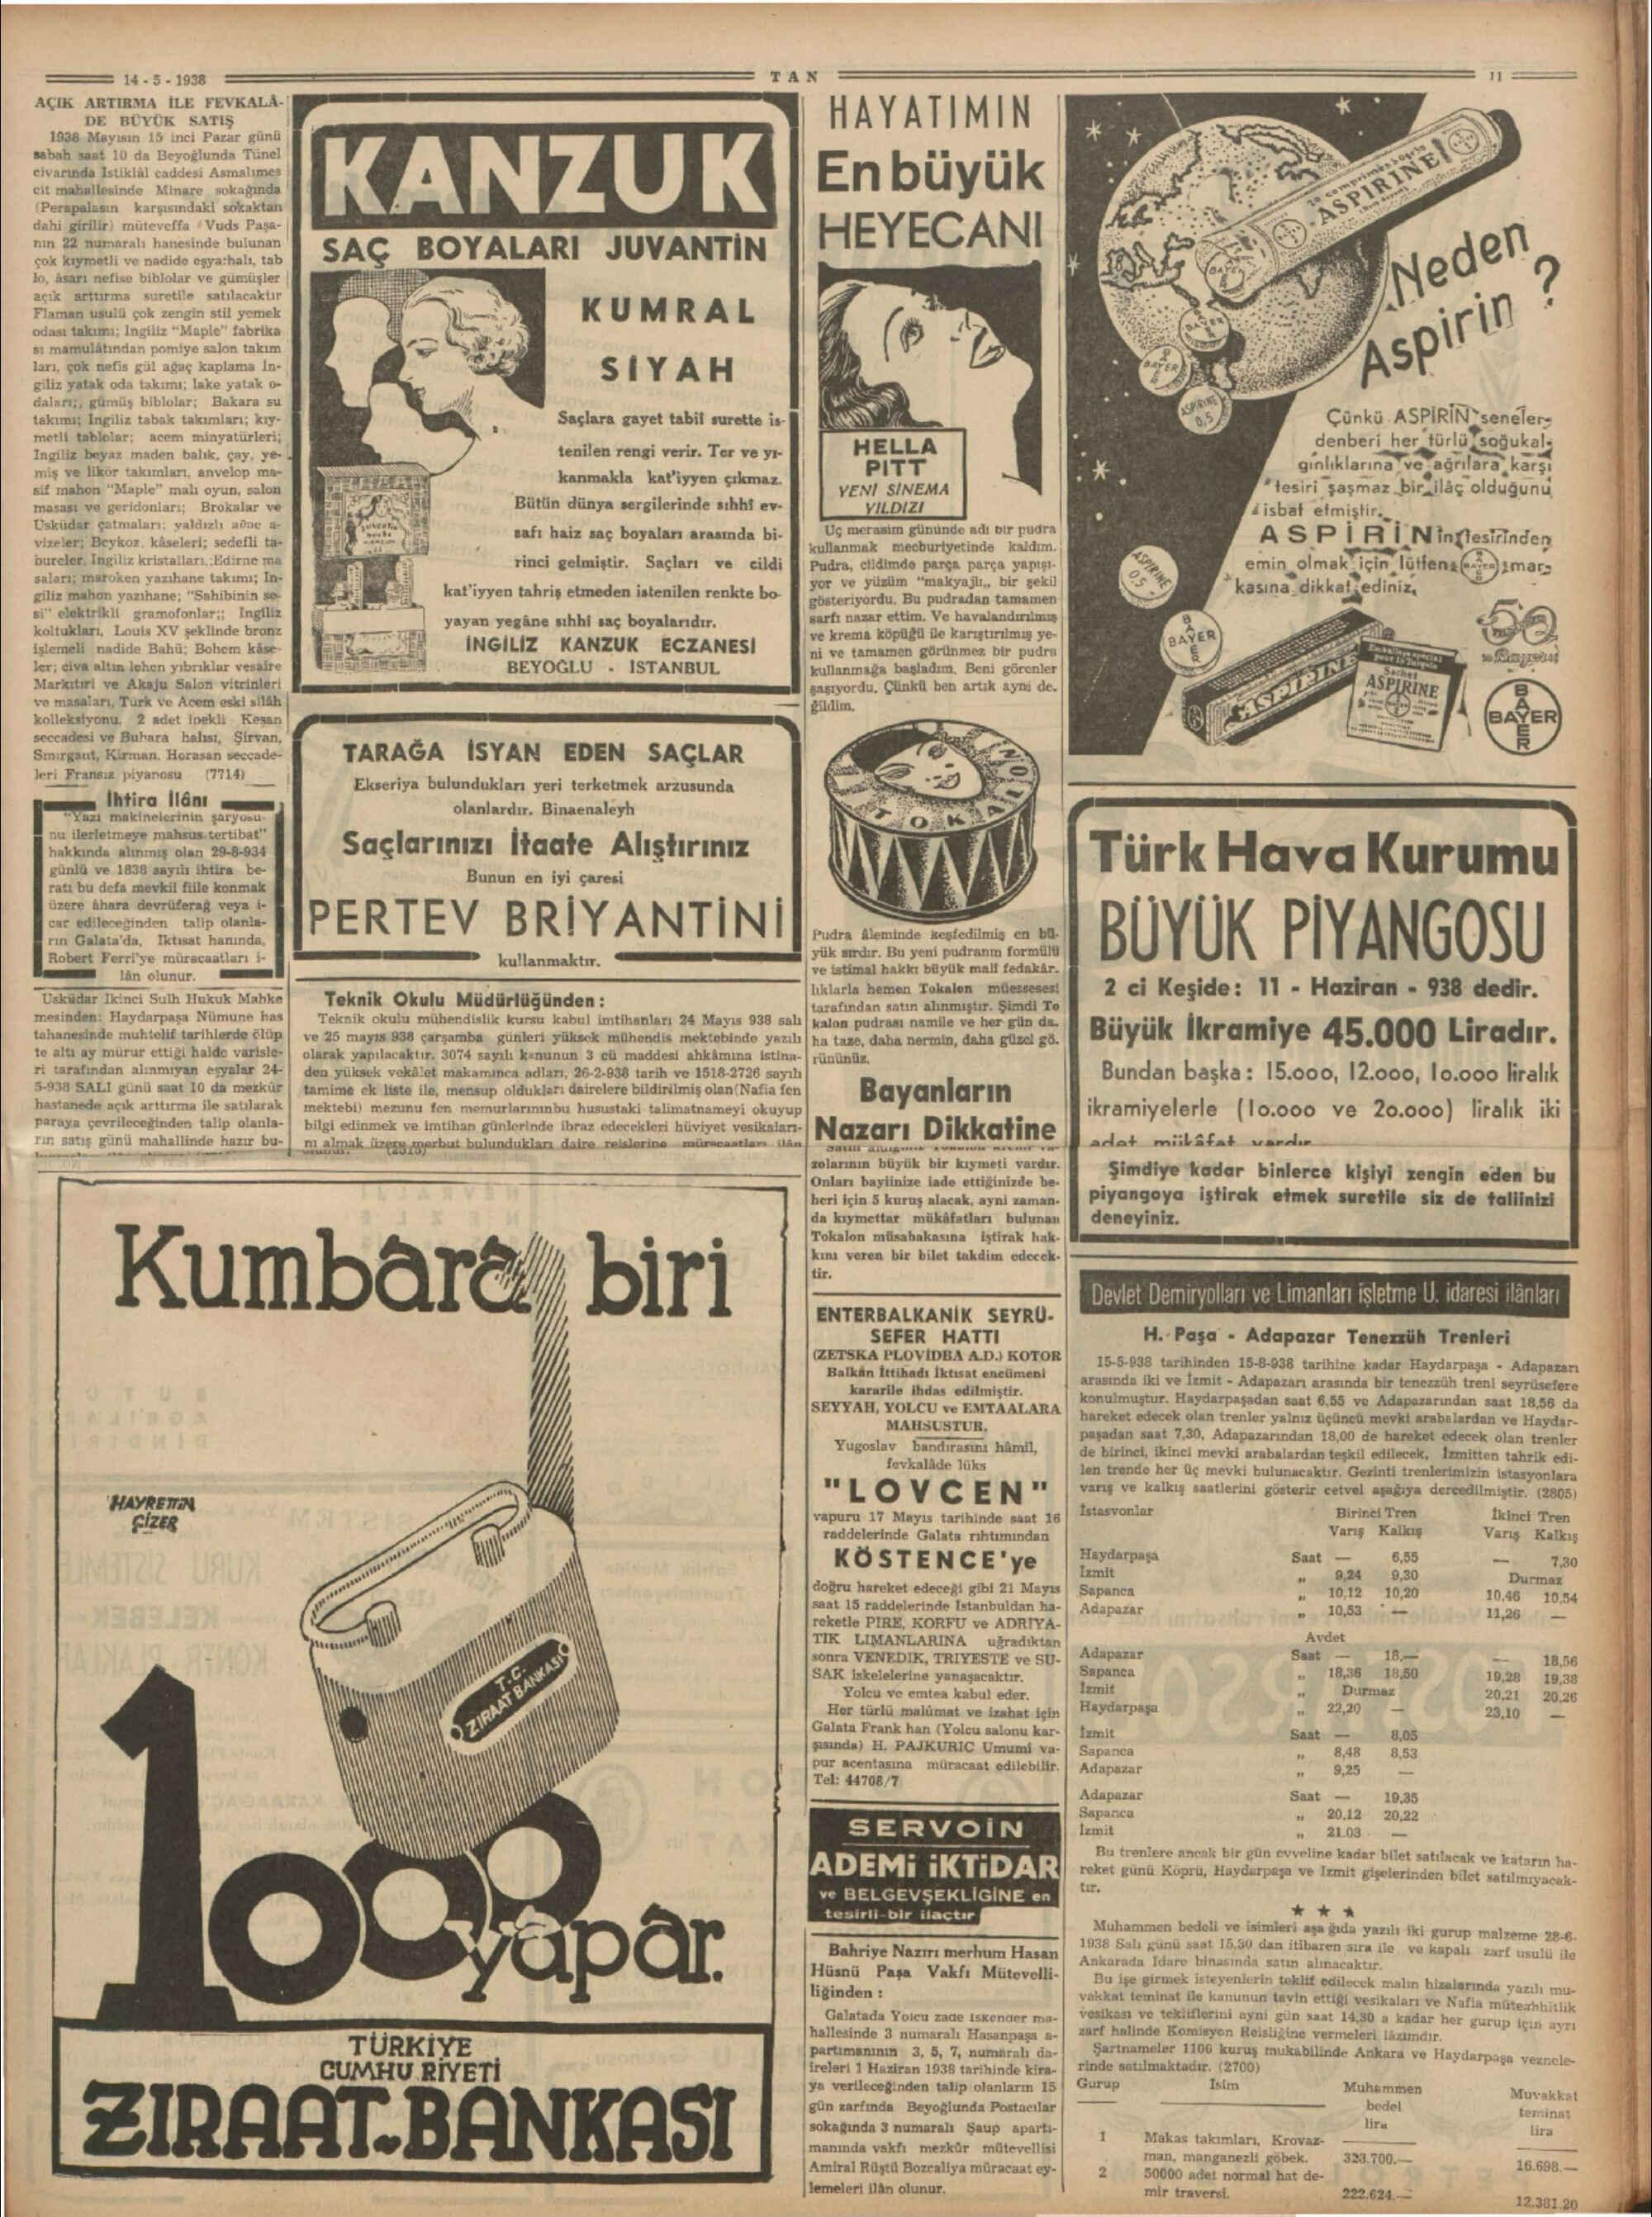 14 Mayıs 1938 Tarihli Tan Gazetesi Sayfa 11